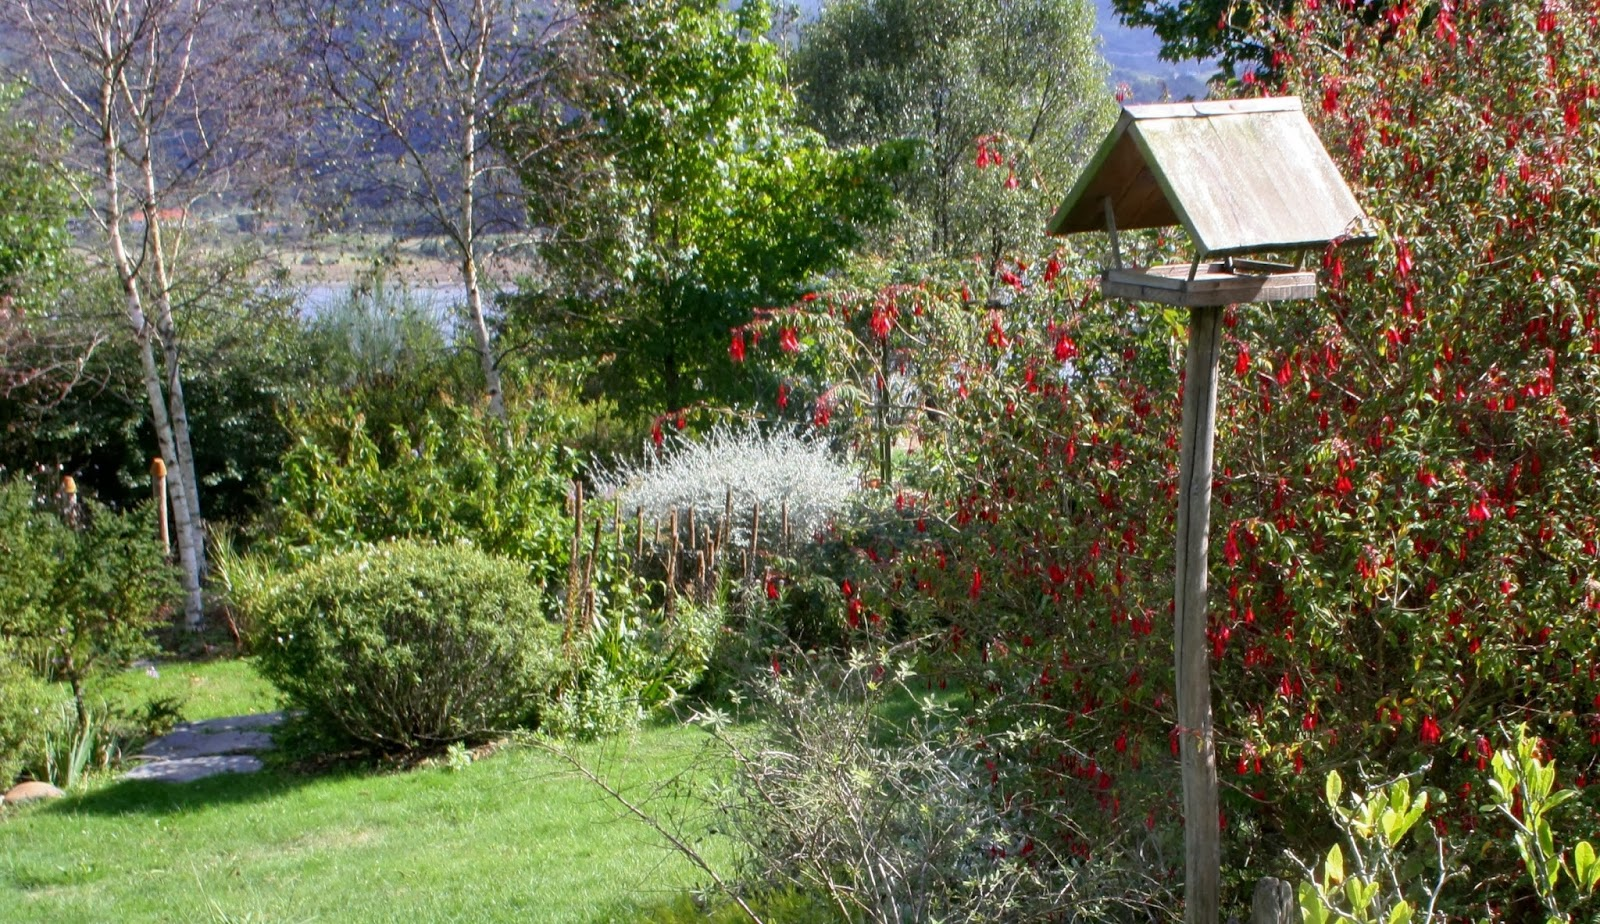 El jard n de margarita en octubre for Casa jardin 8 de octubre